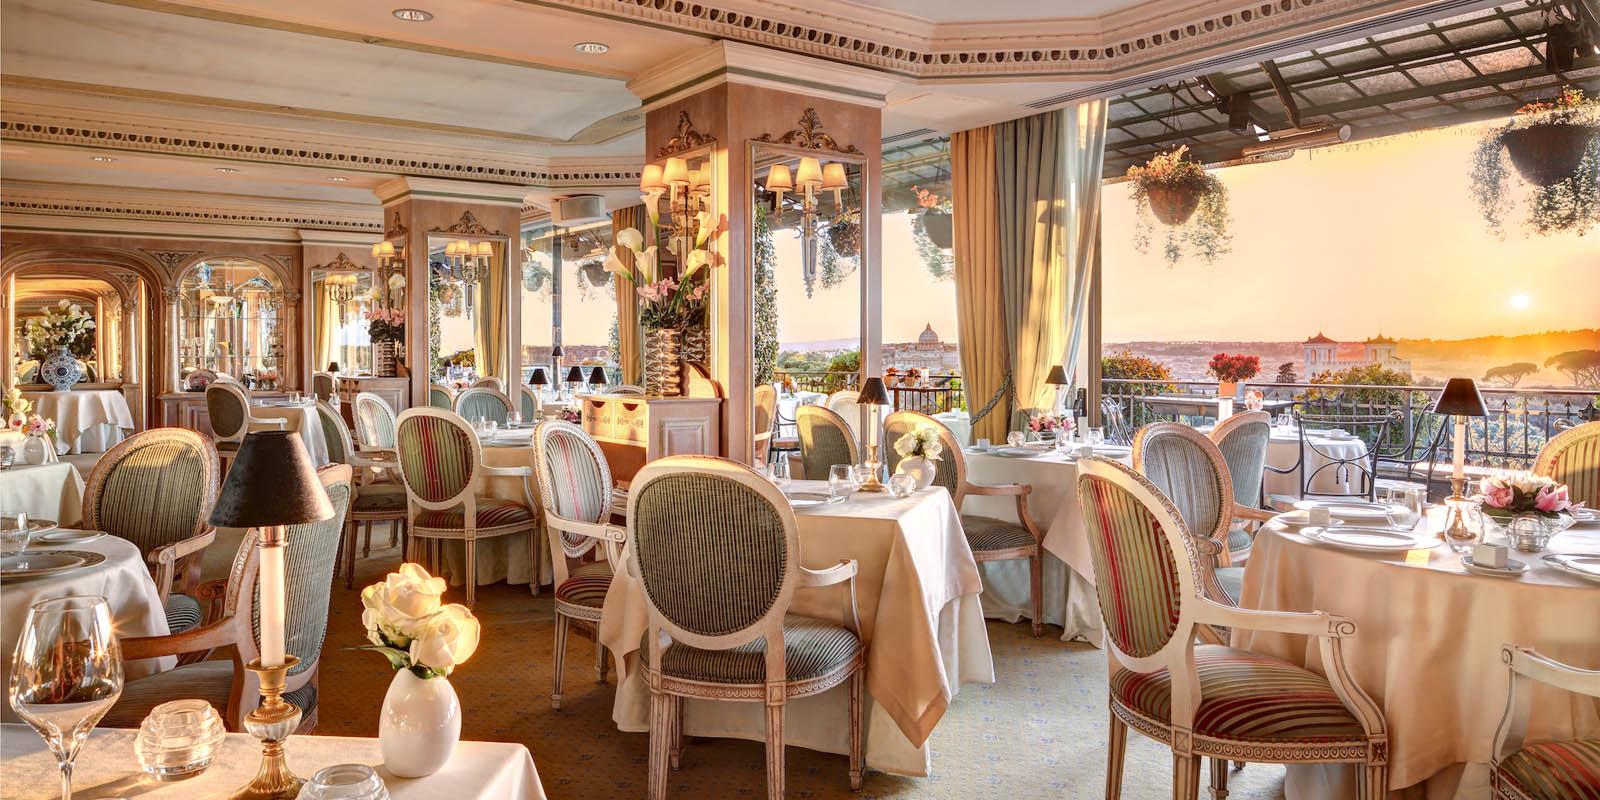 Mirabelle Splendide Restaurant Menu